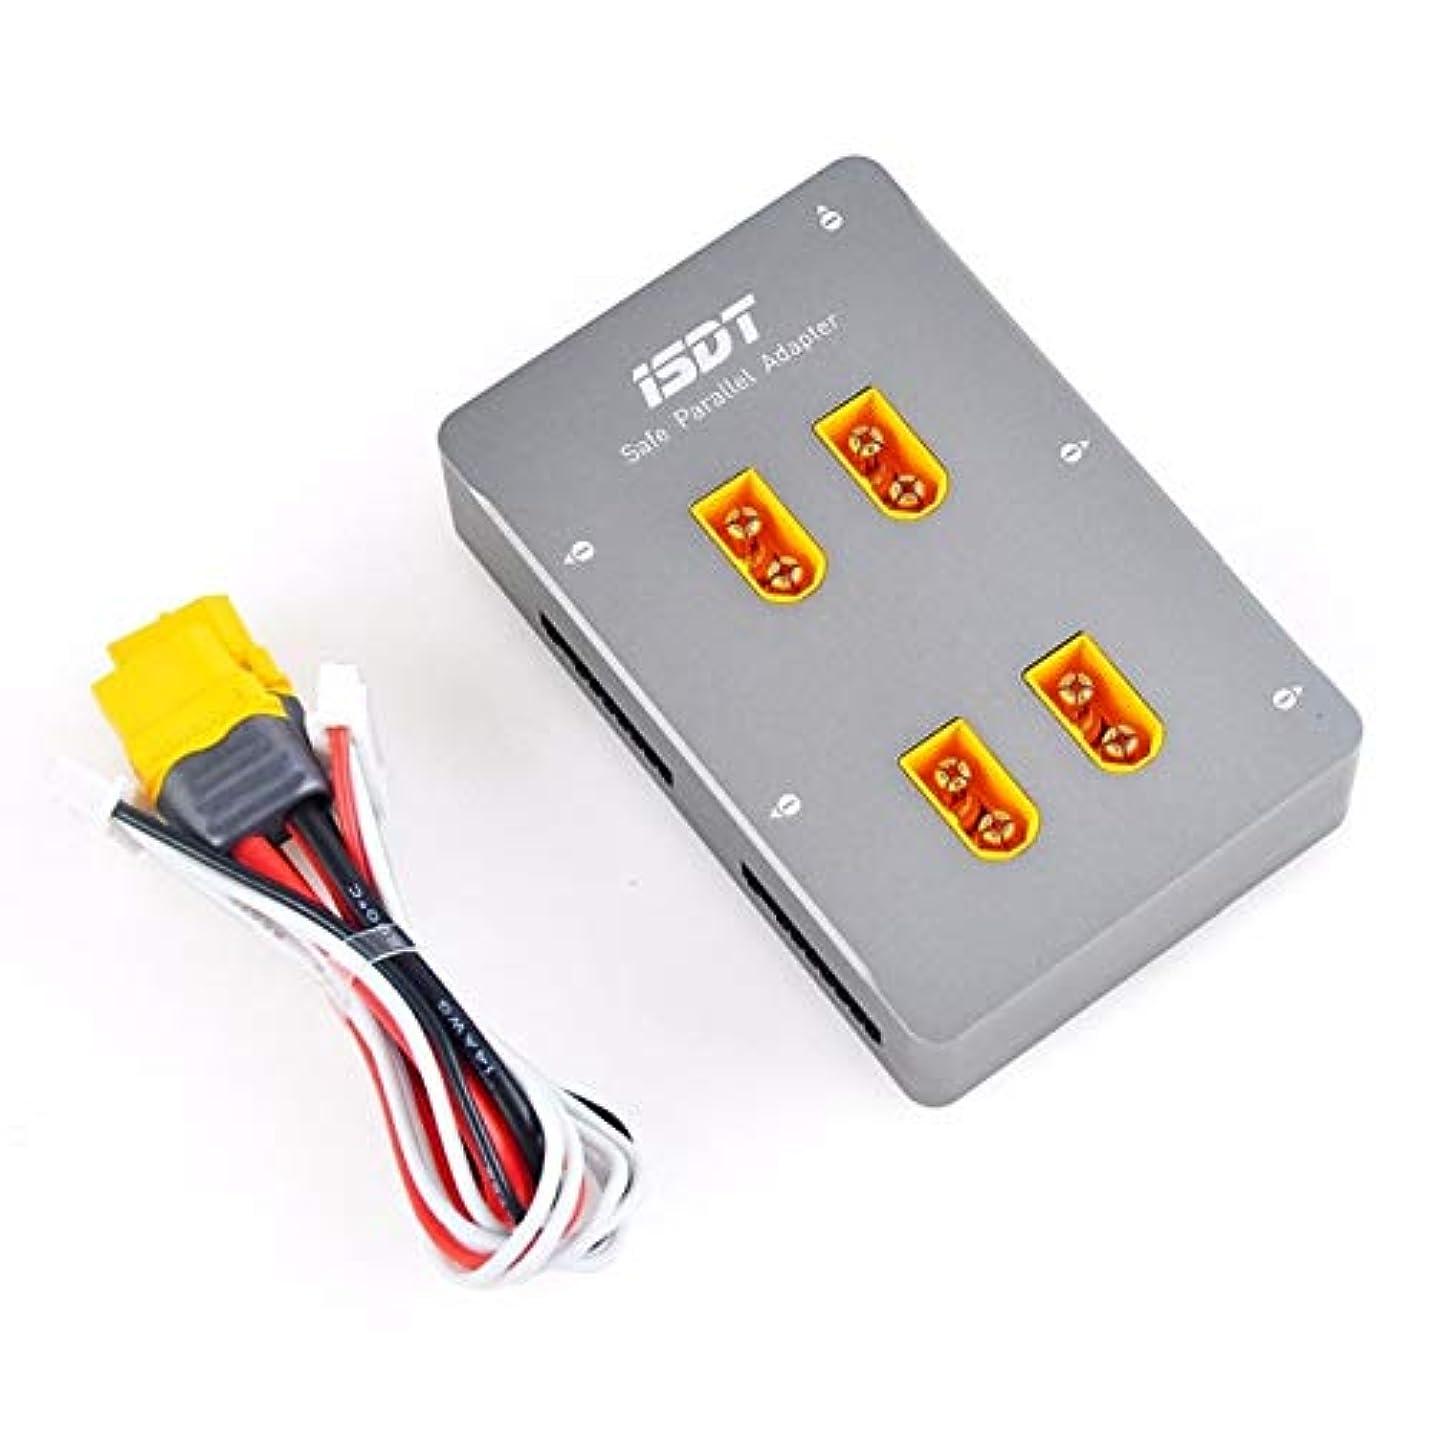 メンタル援助身元DeeploveUU ISDT用PC-4860セーフパラレルボードXT60プラグパラレル1-8S充電ボードSC-608用SC-620ドローン充電アクセサリー